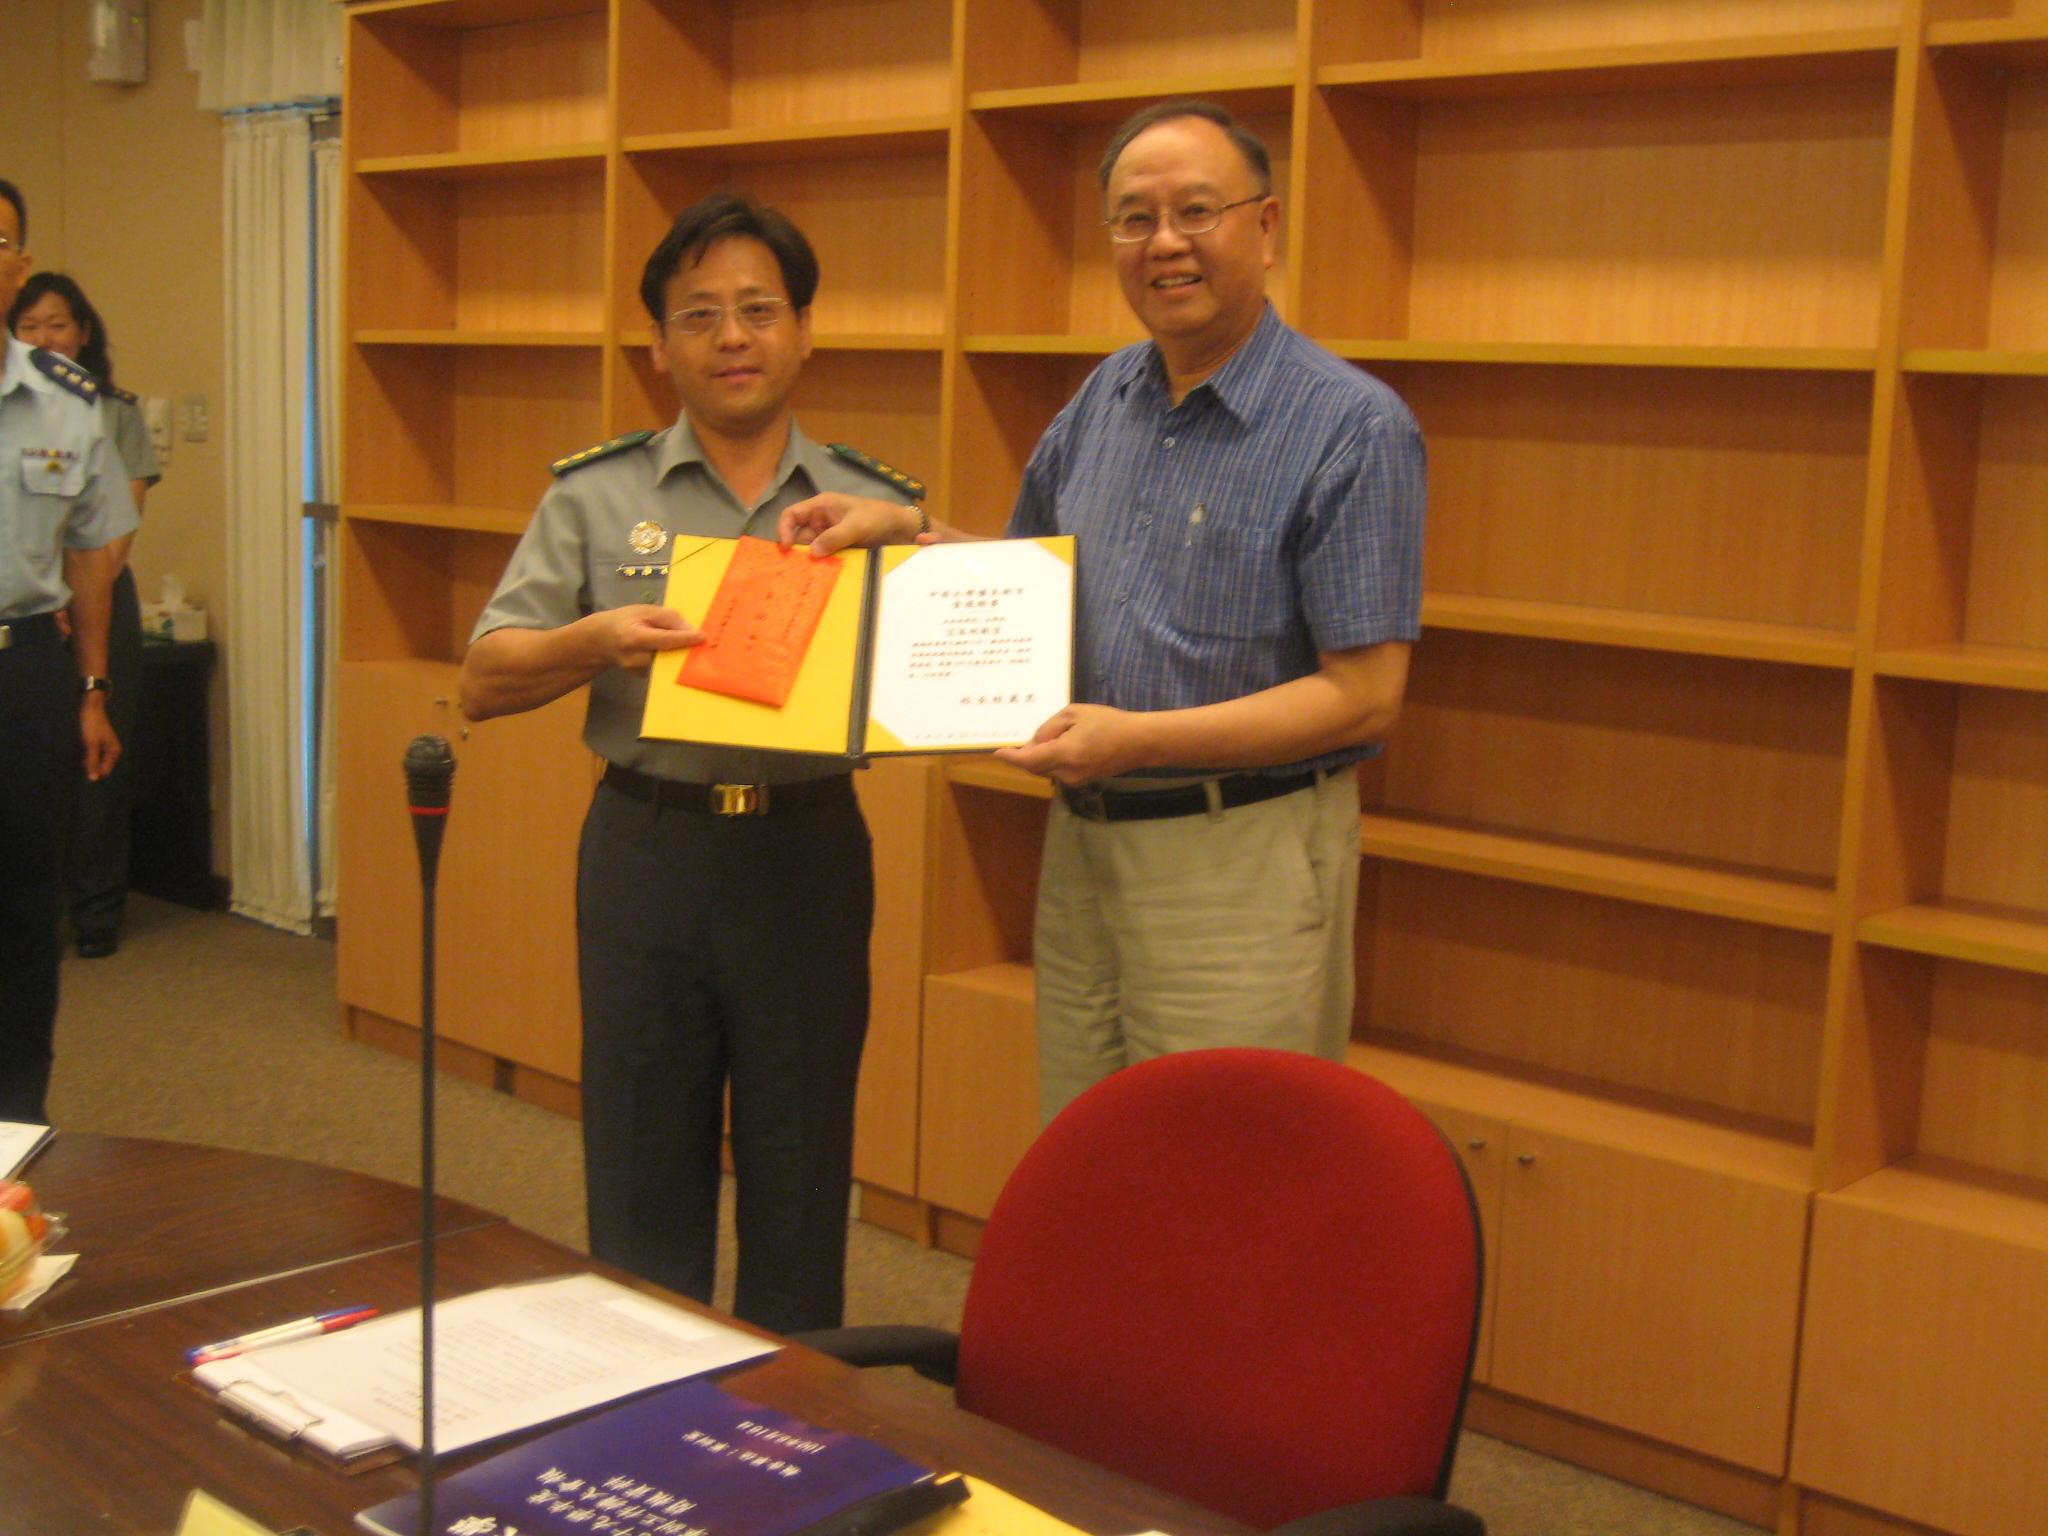 艾昌明、謝文里教官獲選為中原大學「優良教官」